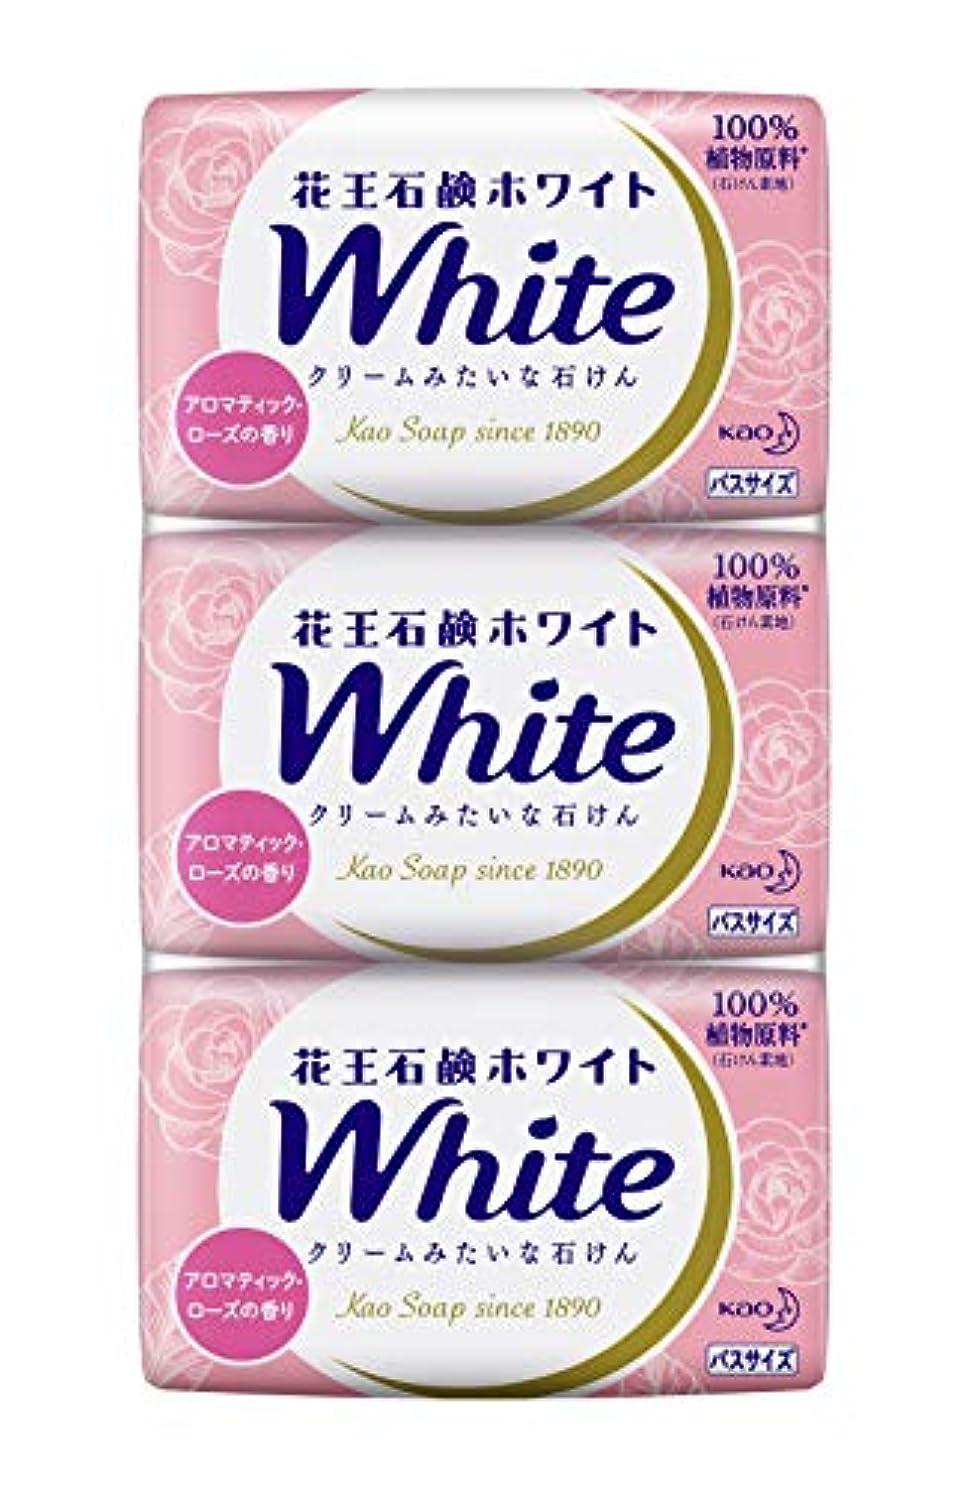 エコー相互冒険花王ホワイト アロマティックローズの香り バスサイズ 3コパック